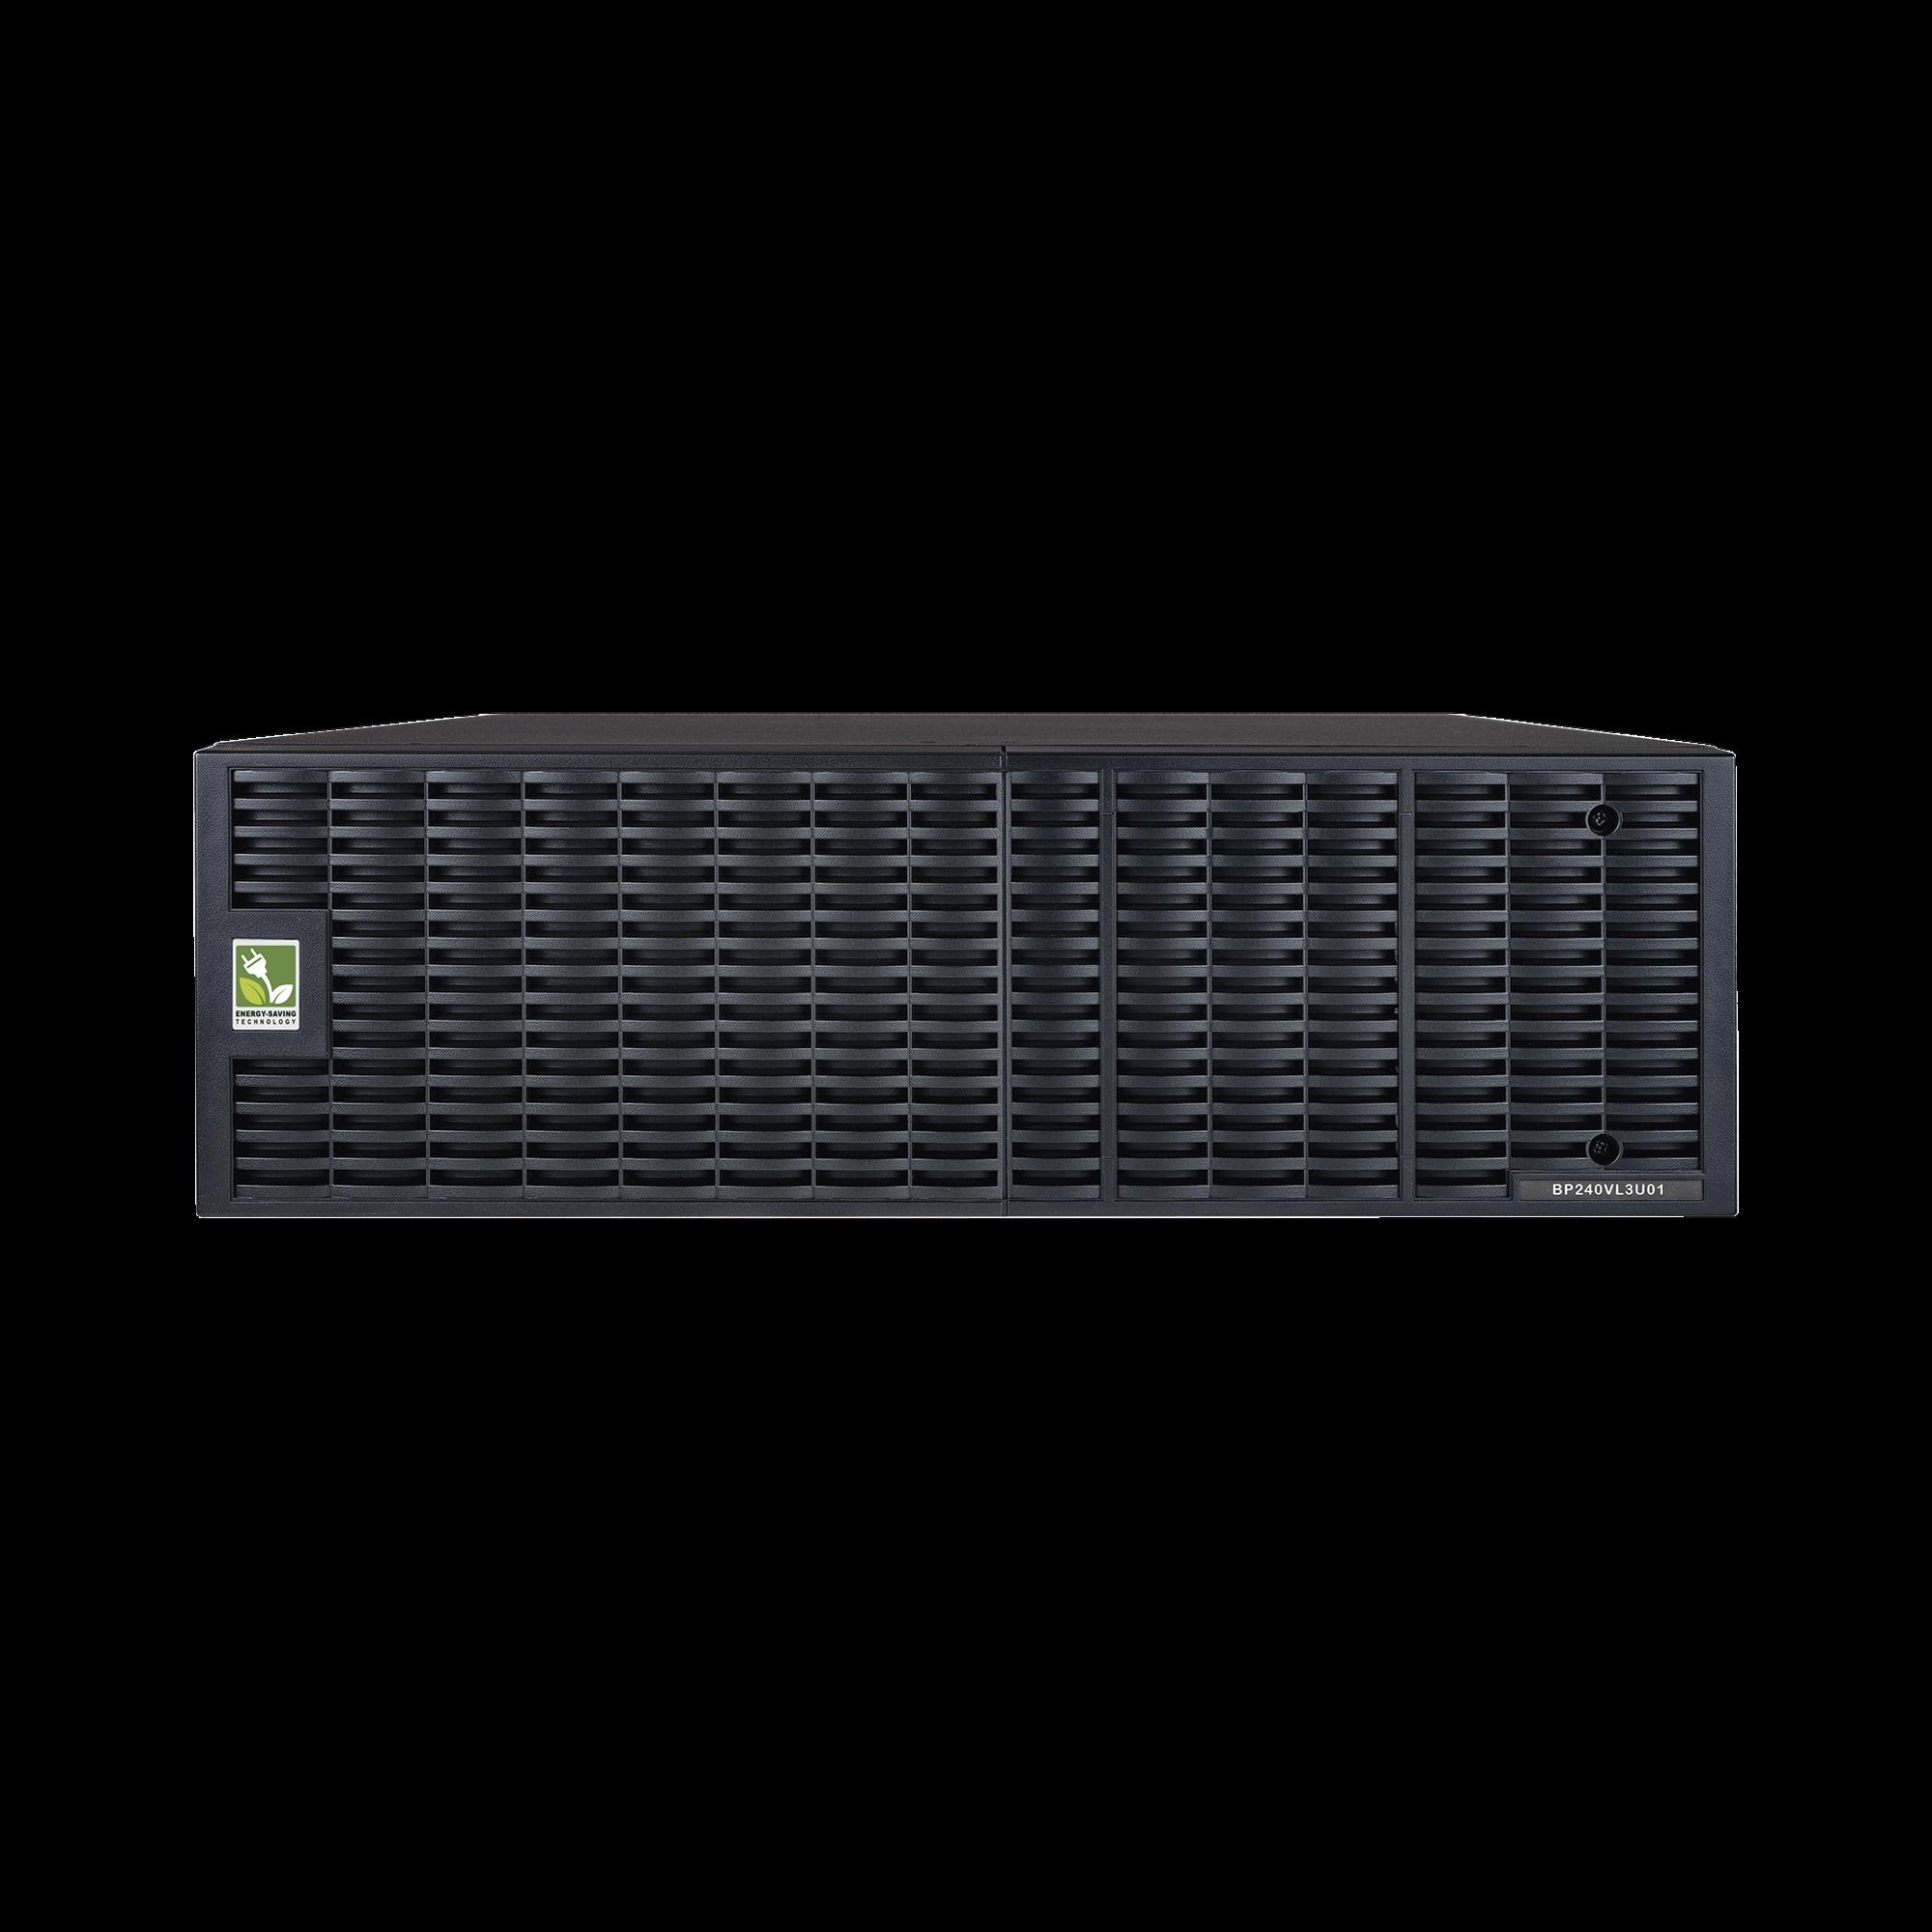 Módulo de Baterías Externas de 240V a 30 Amp, para Extensión de Tiempo de Respaldo, Para UPS Serie OL de 6 KVA a 10 KVA